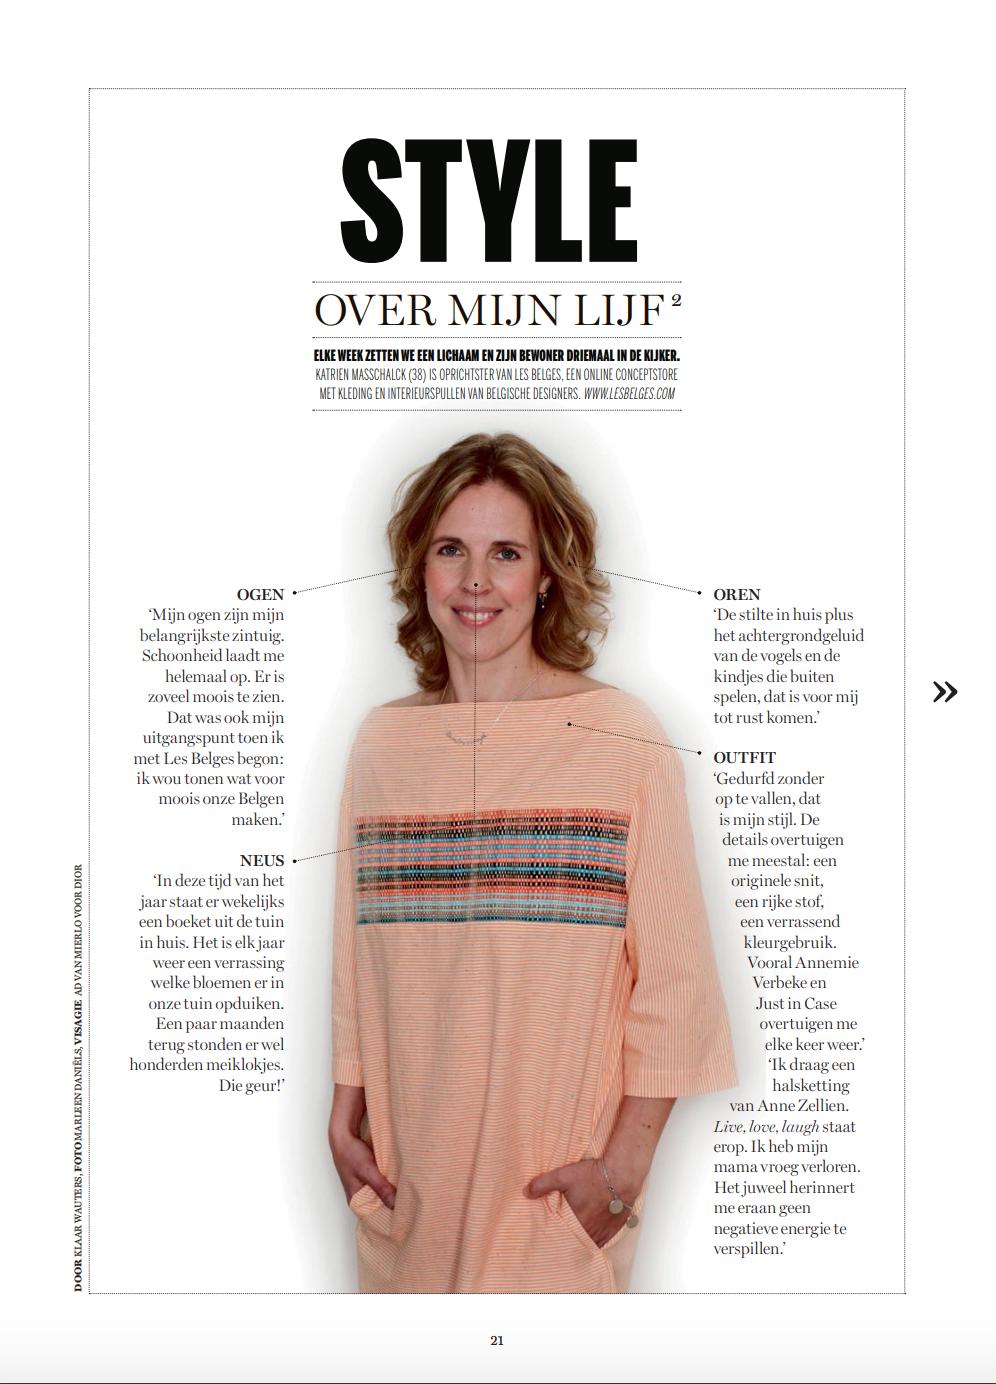 In the media: De Standaard ds Magazine